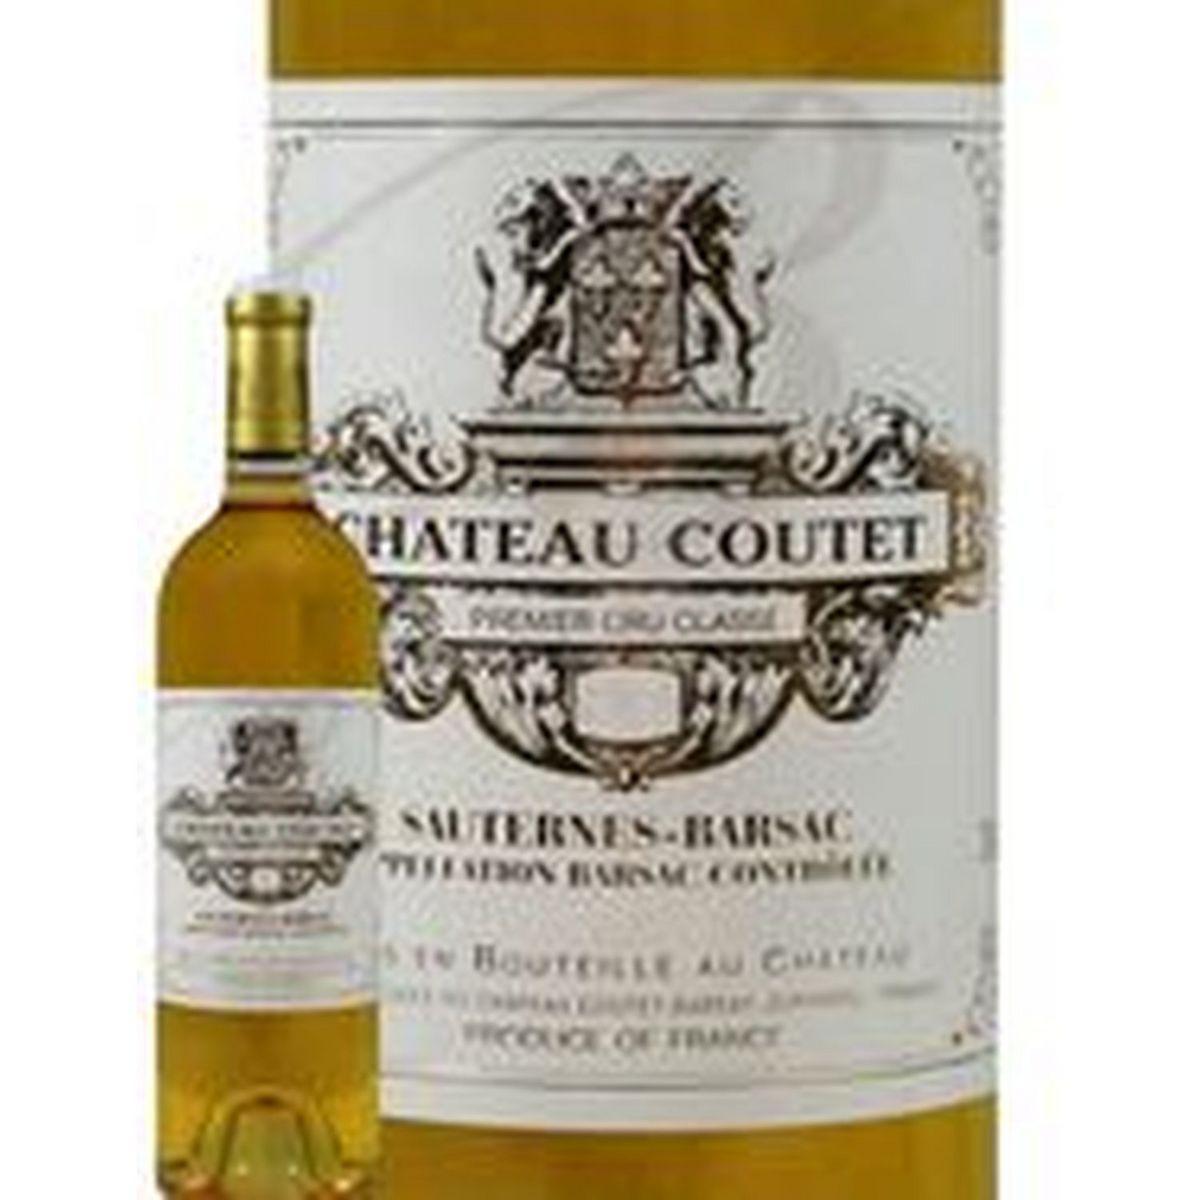 AOP Sauternes-Barsac Château Coutet blanc premier cru classé